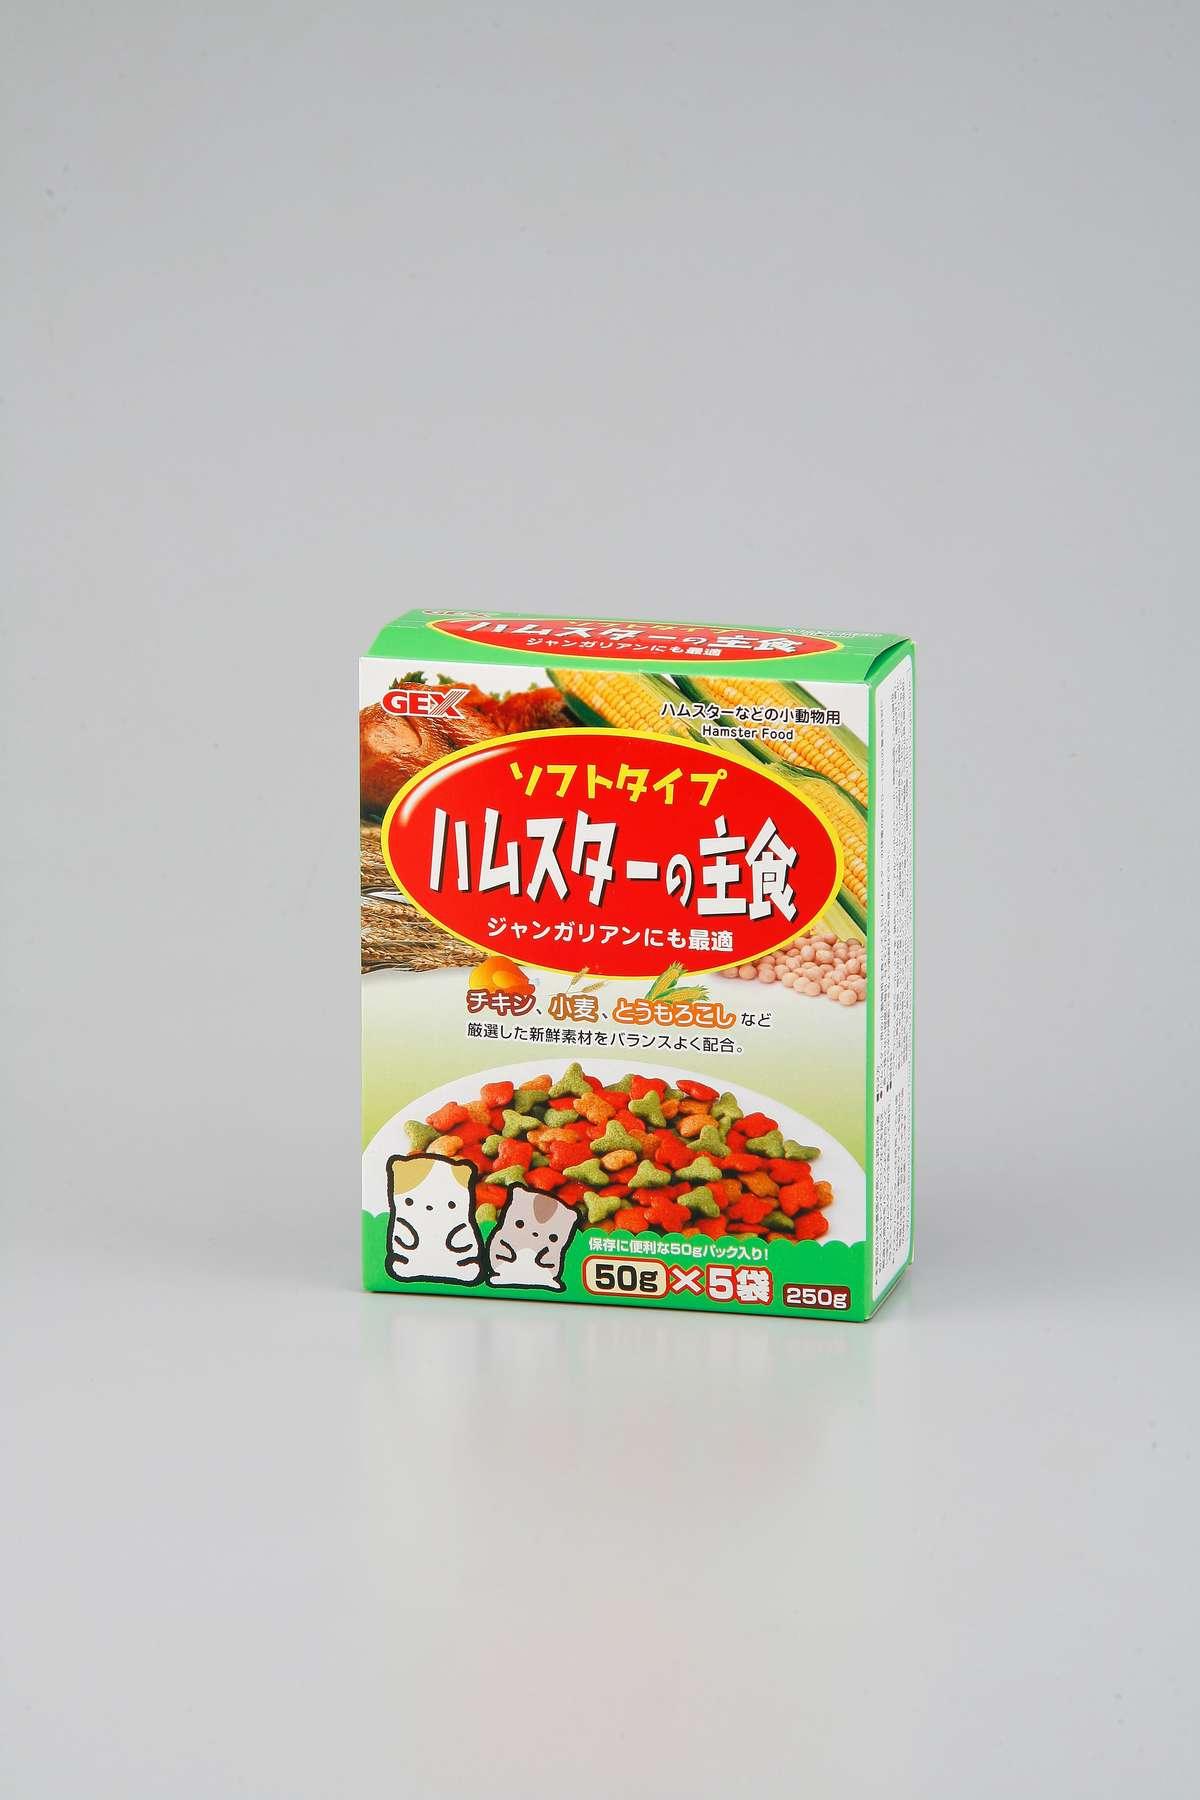 倉鼠雜菜營養主糧 300g